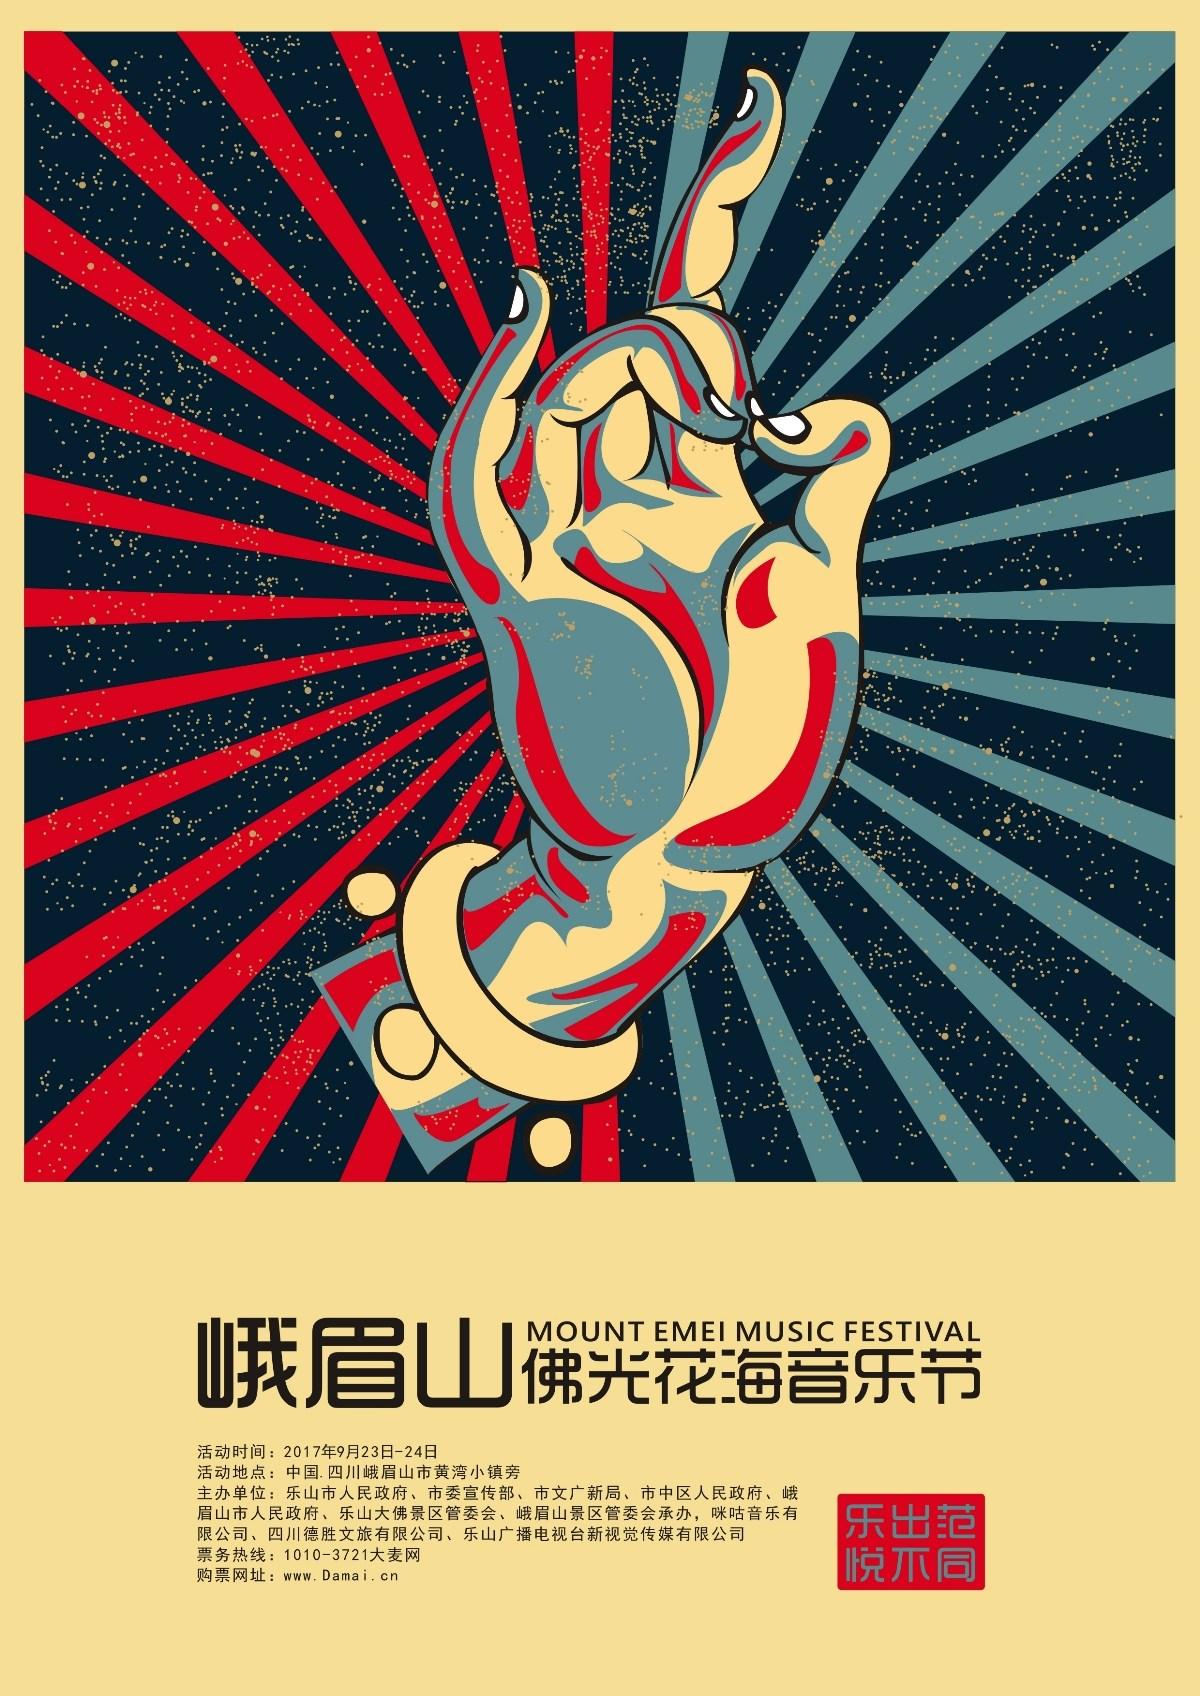 音乐节主题海报